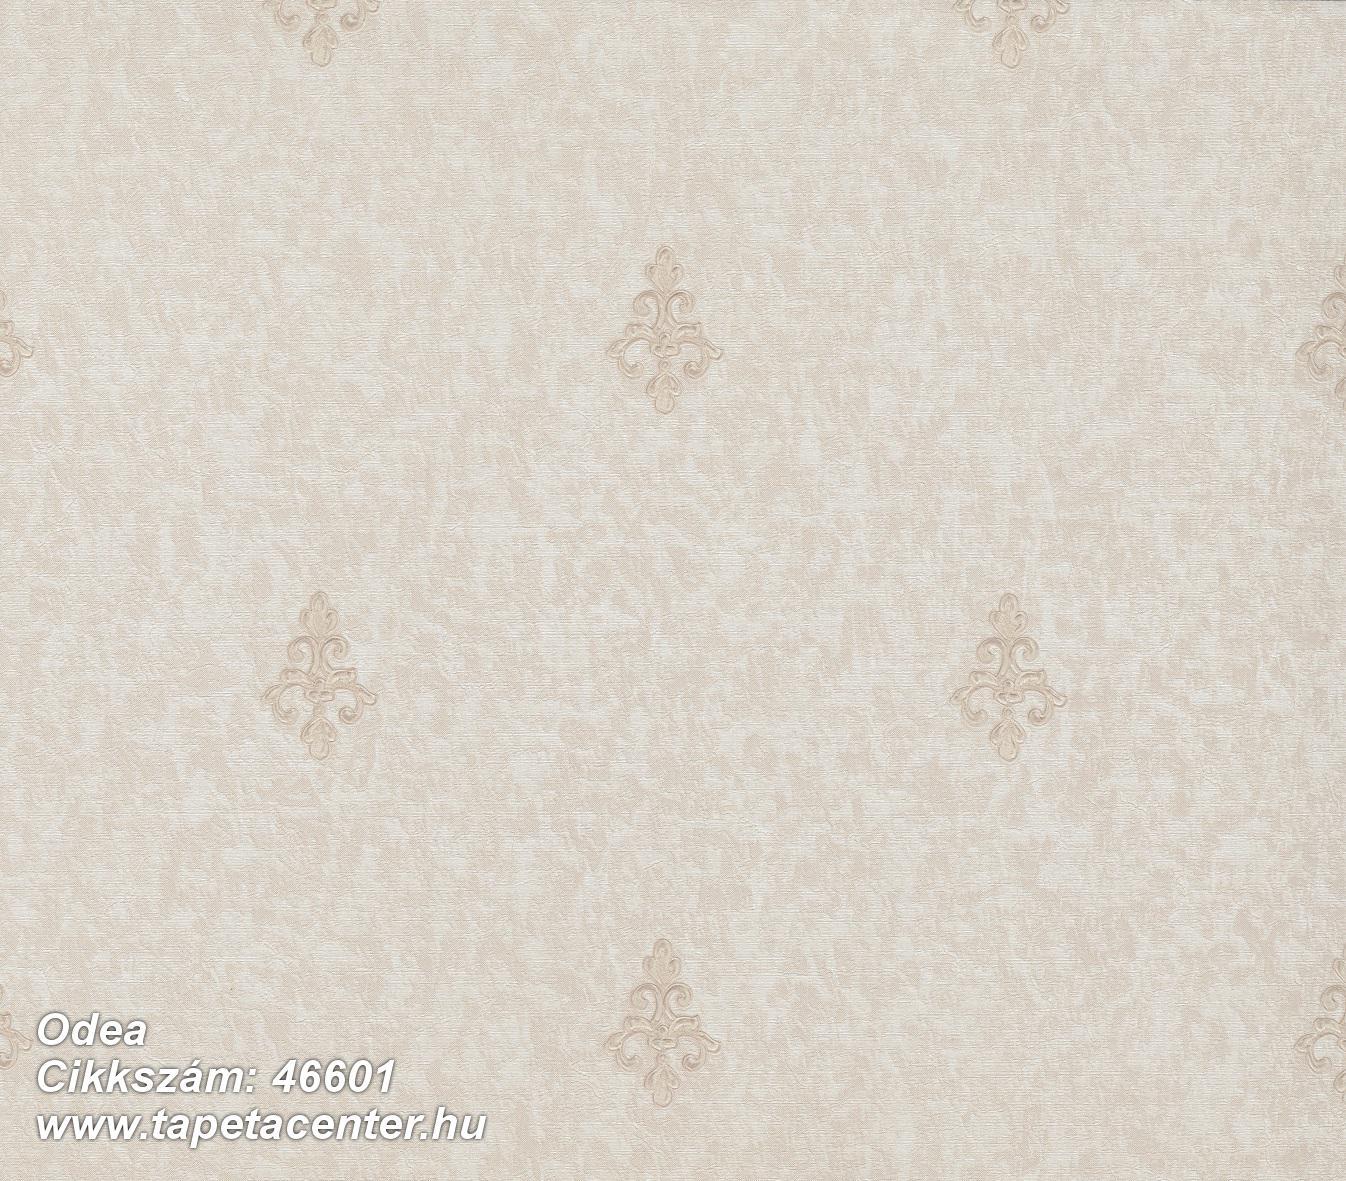 Odea - 46601 Olasz tapéta